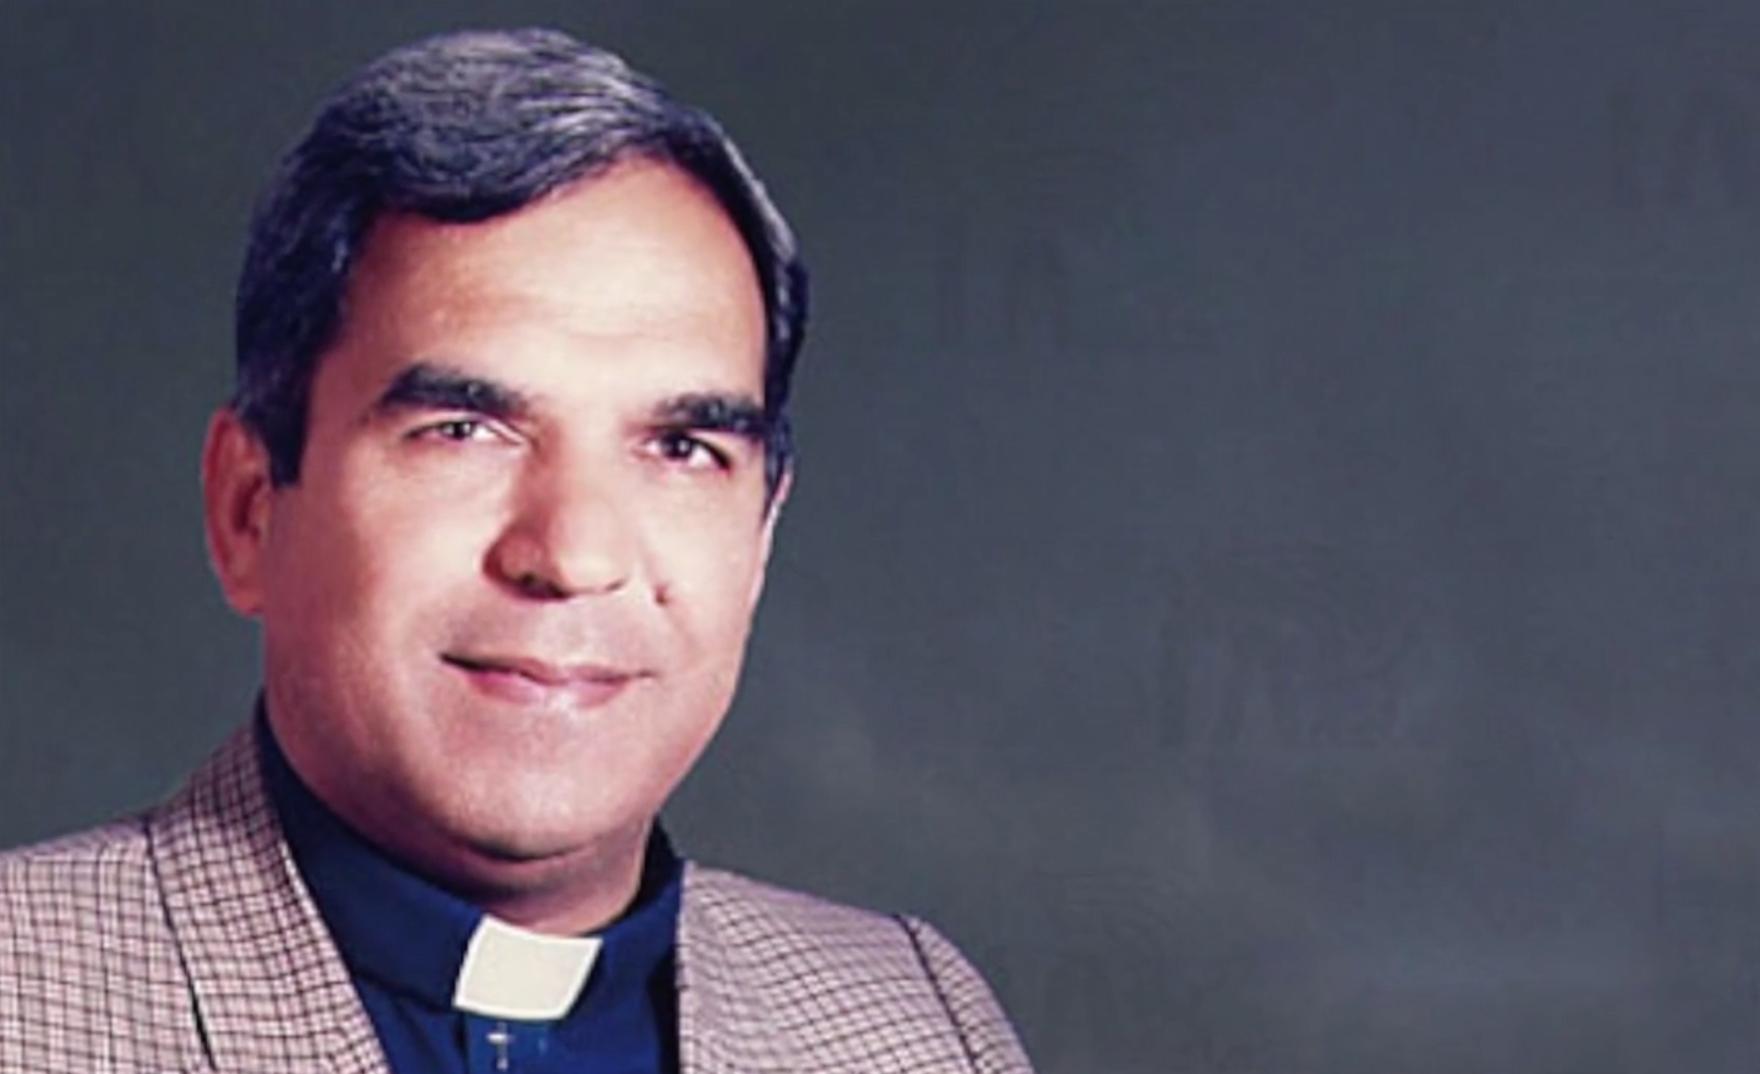 مسیحیان در قتل های زنجیره ای؛ گفتگو با فرزند حسین سودمند رادکانی، کشیش اعدام شده/ماری محمدی